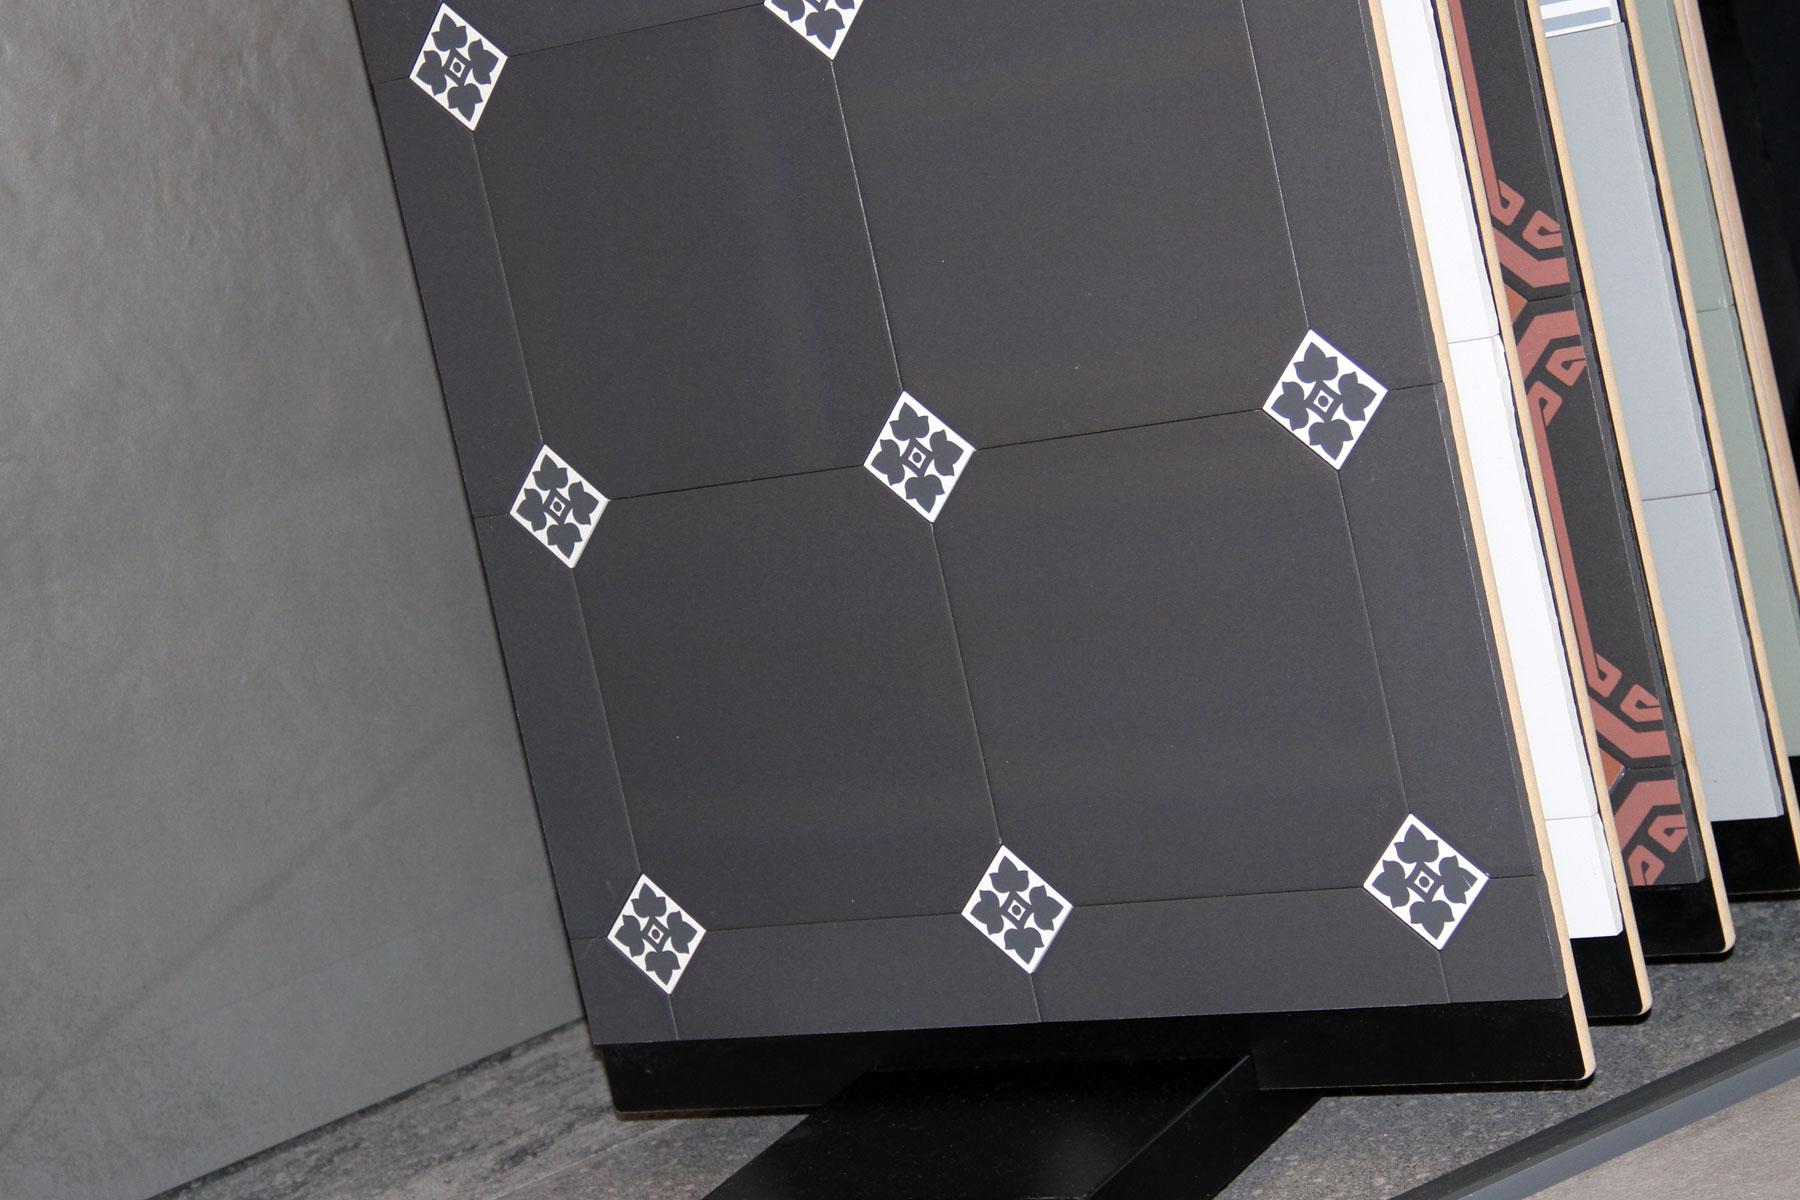 Fliesen Demmel, Fliesen in Tiefenbach bei Oberstdorf, im Allgäu – Fliesenfachgeschäft, Fliesen legen